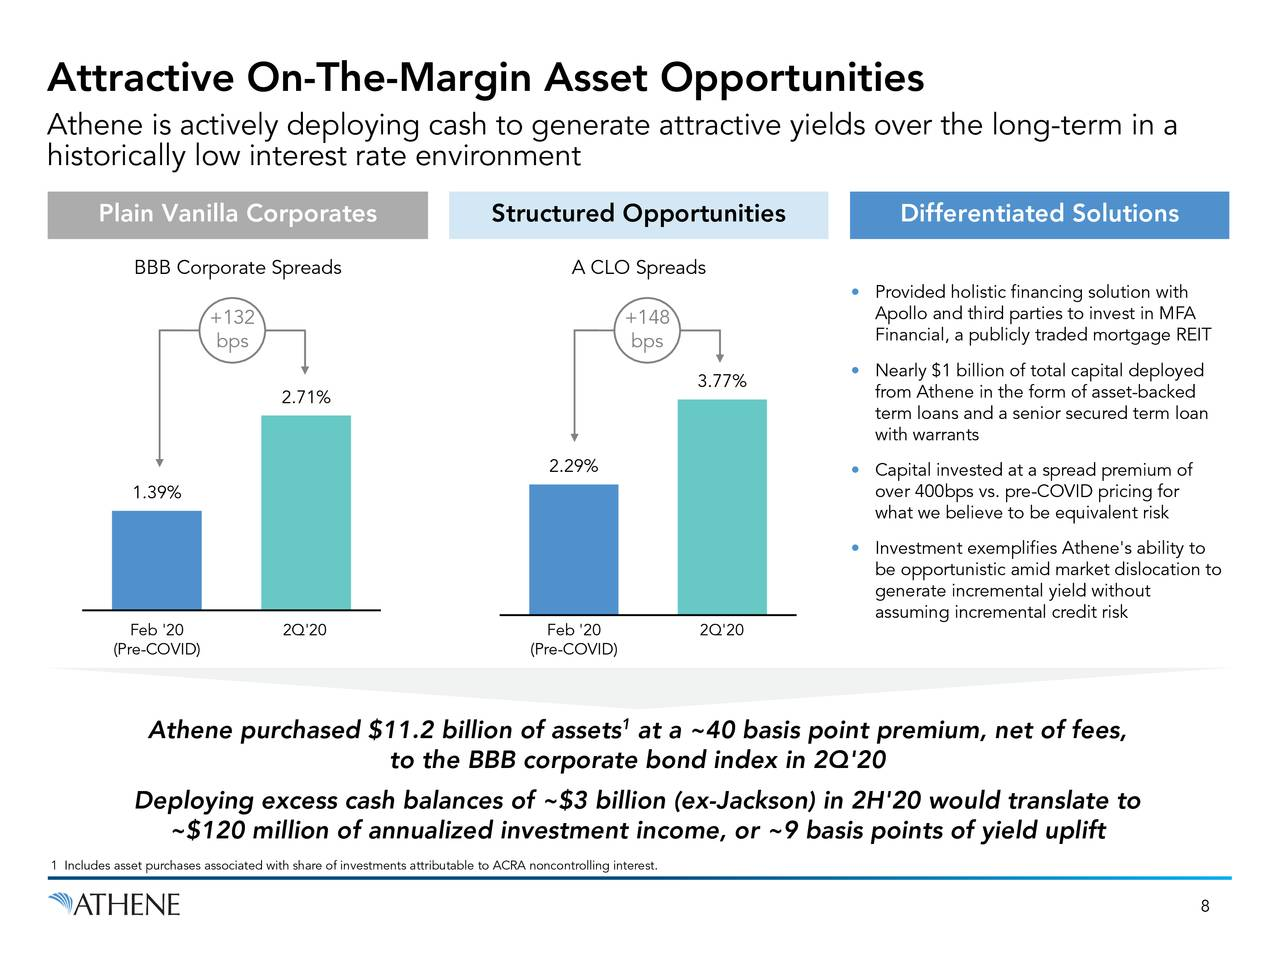 Atractivas oportunidades de activos en el margen